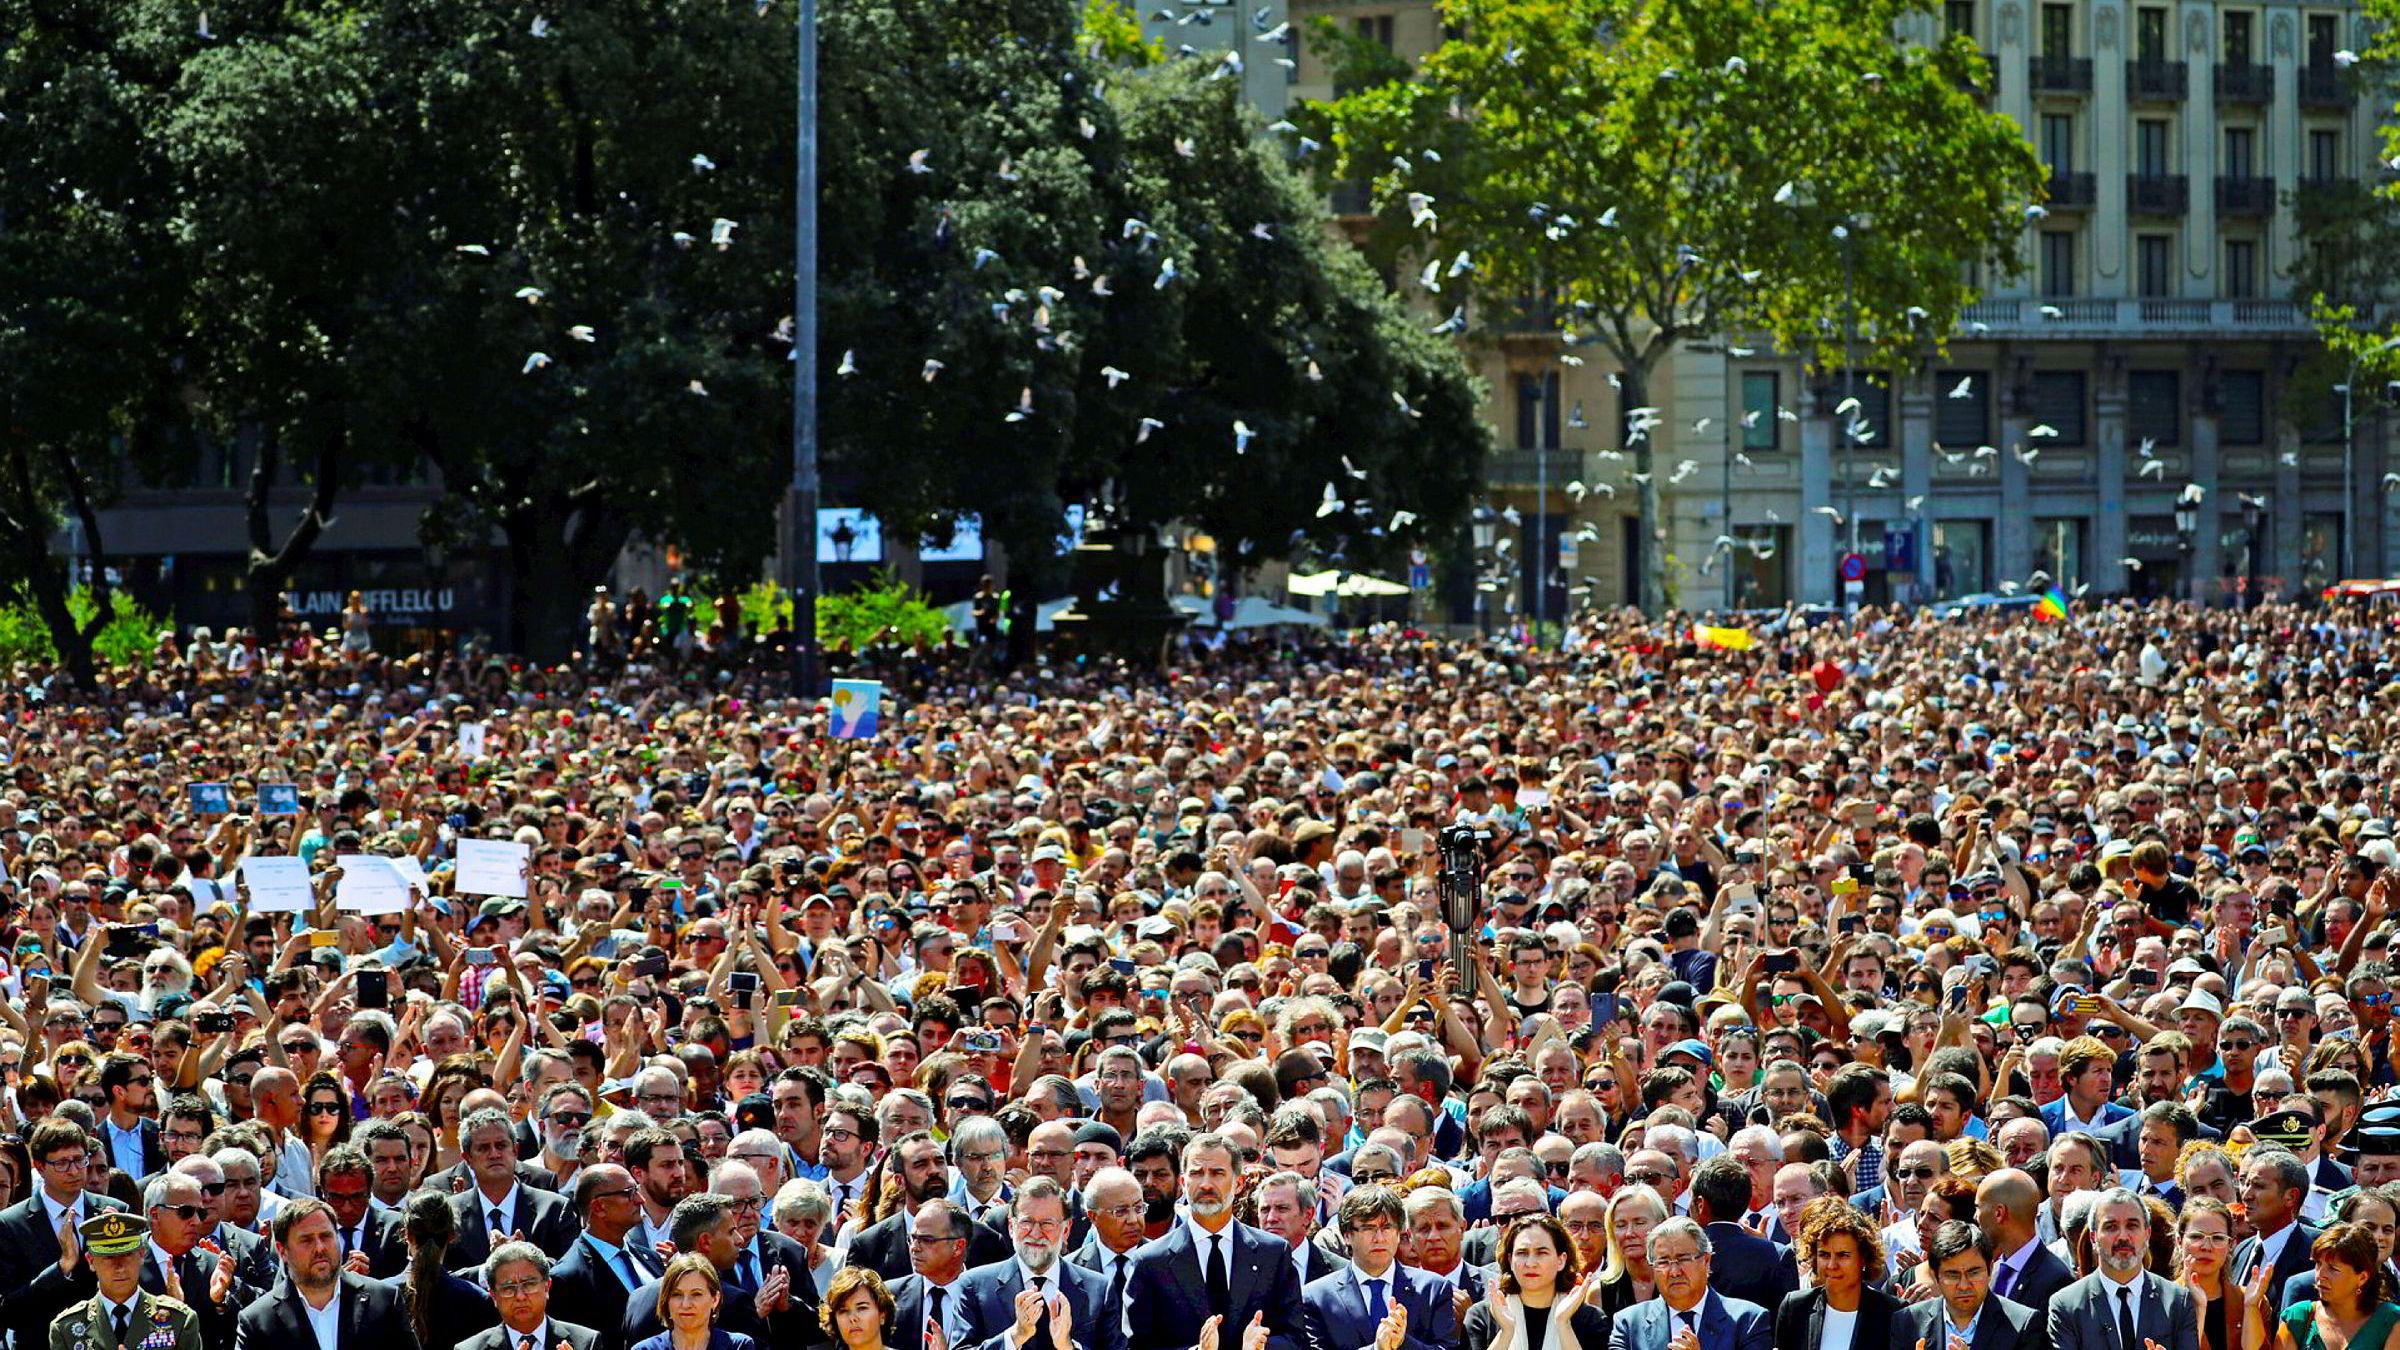 Kong Felipe av Spania (i midten av bildet foran) og statsminister Mariano Rajoy (til venstre for kongen) holdt ett minutts stillhet mens duene fløy over Placa de Catalunya i Barcelona, dagen etter at terroren drepte 14 mennesker i paradegaten La Rambla.